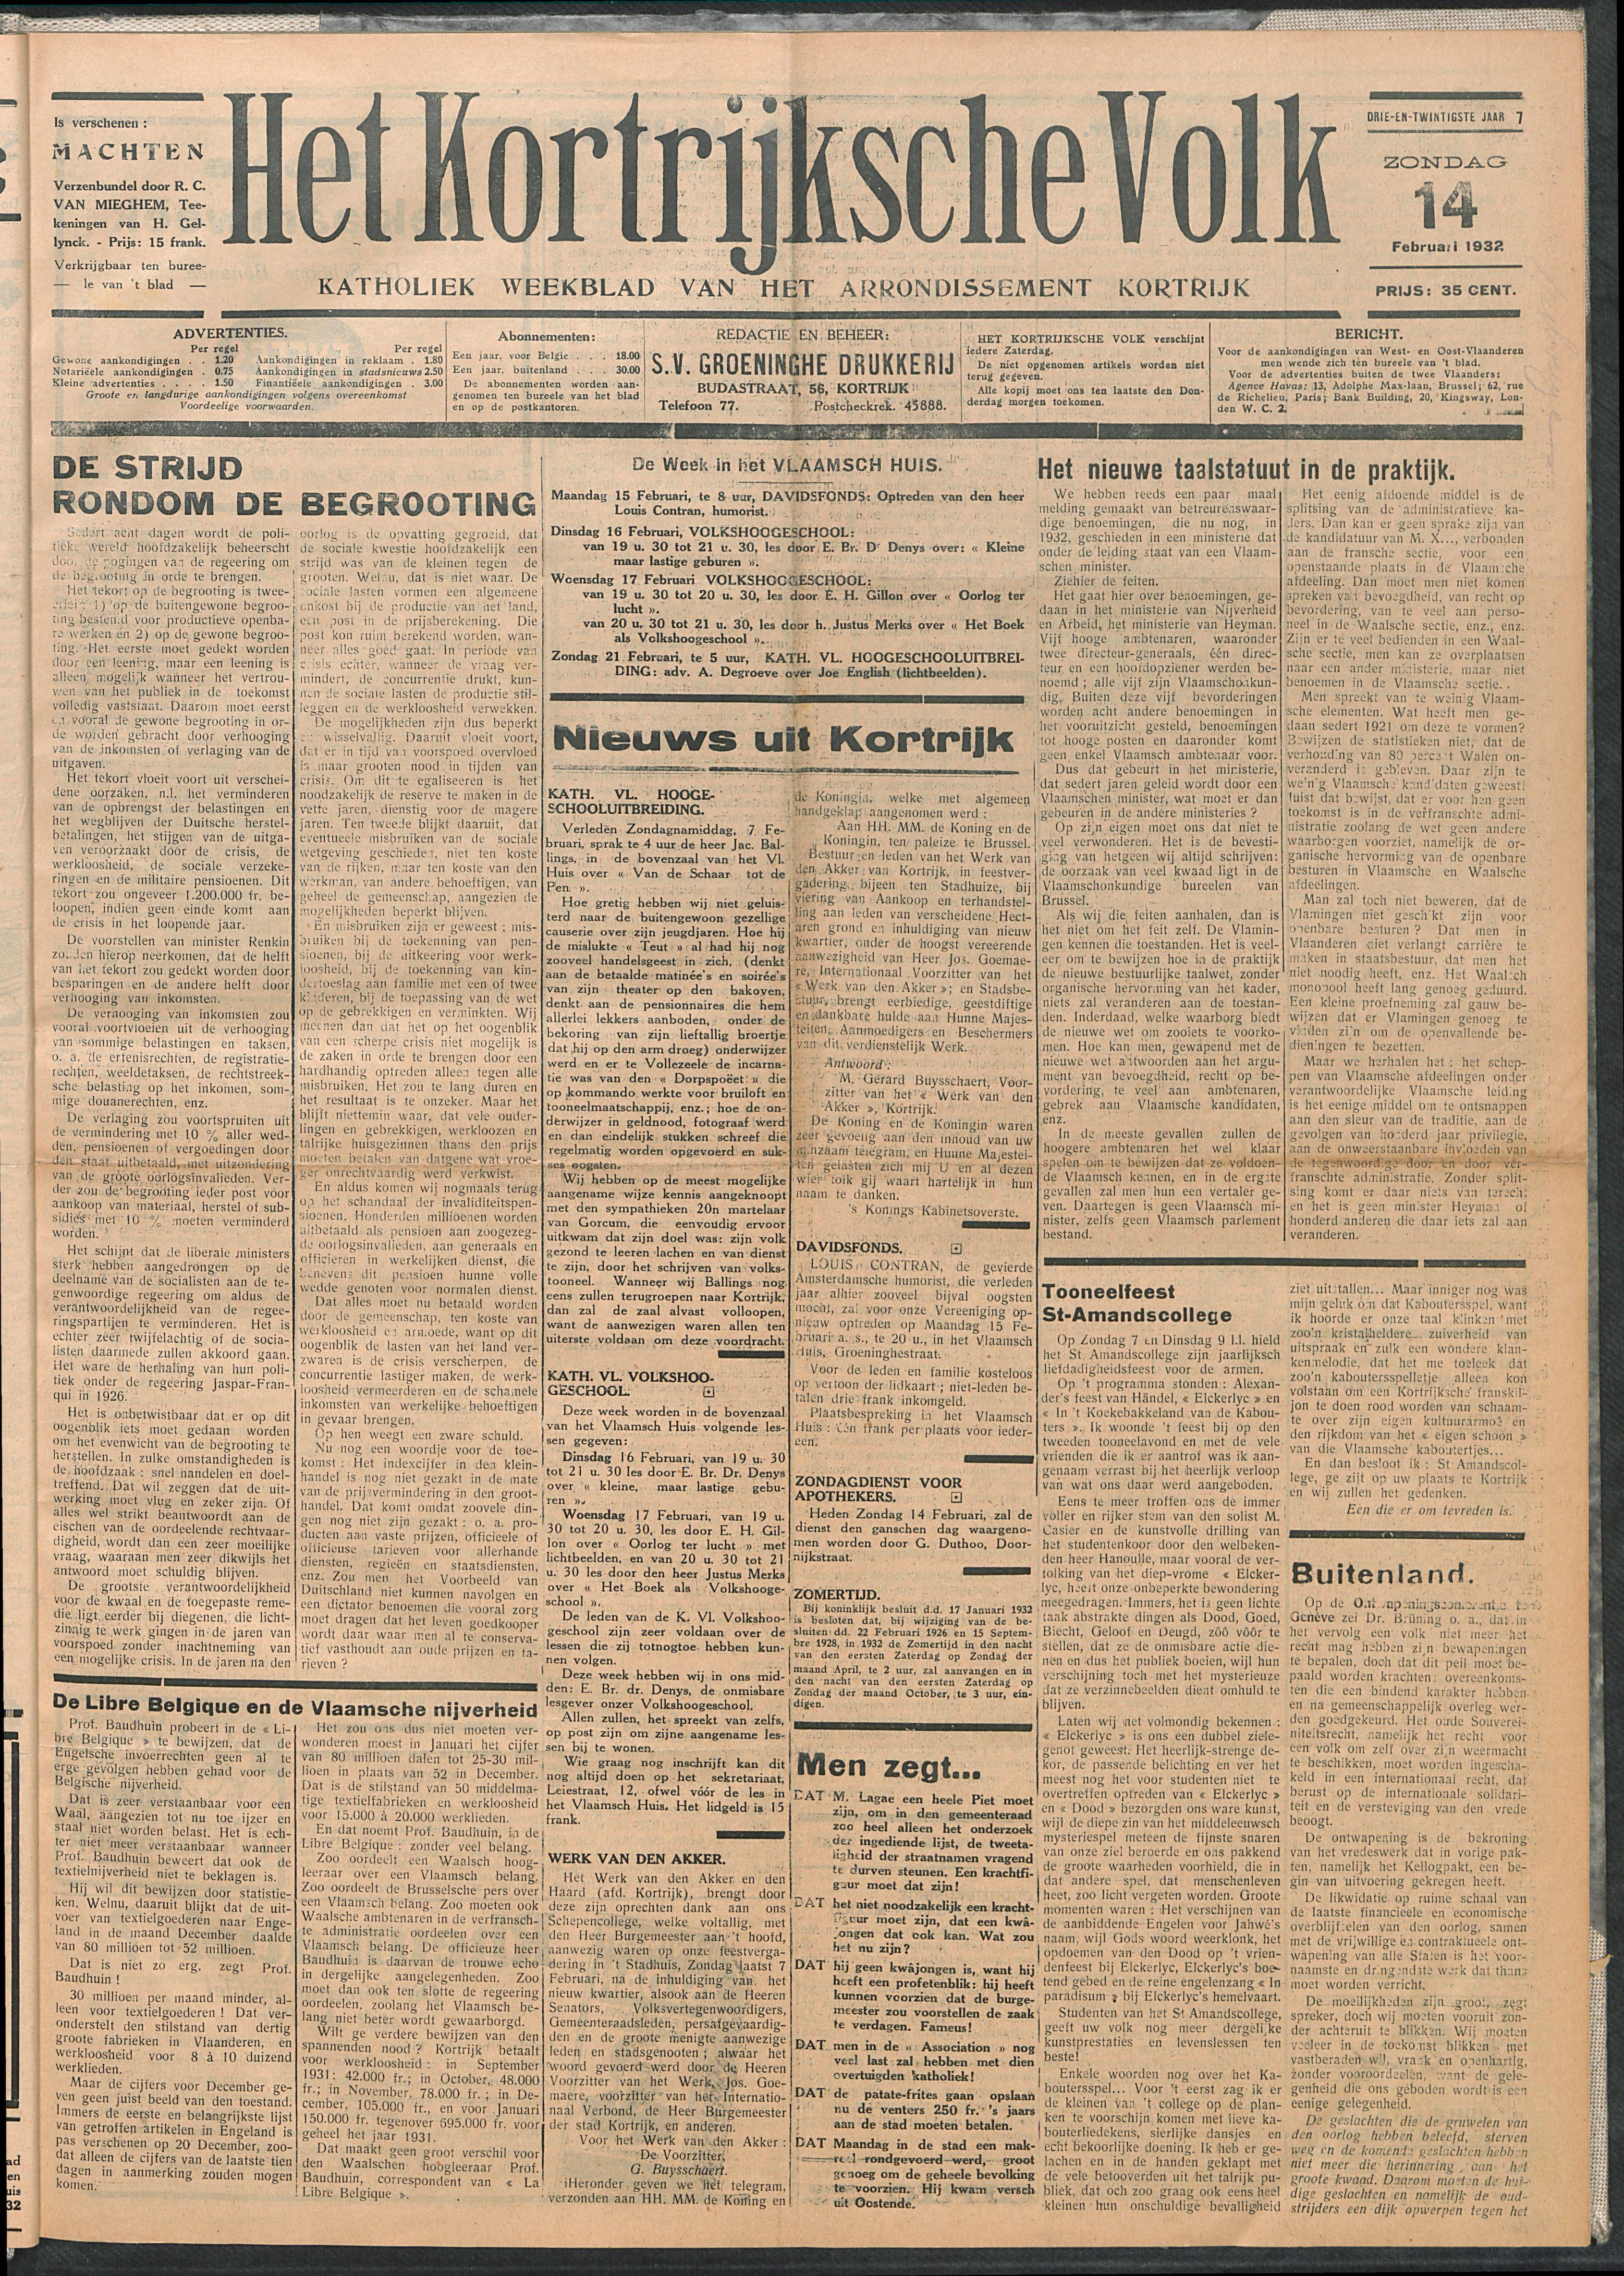 Het Kortrijksche Volk 1932-02-14 p1